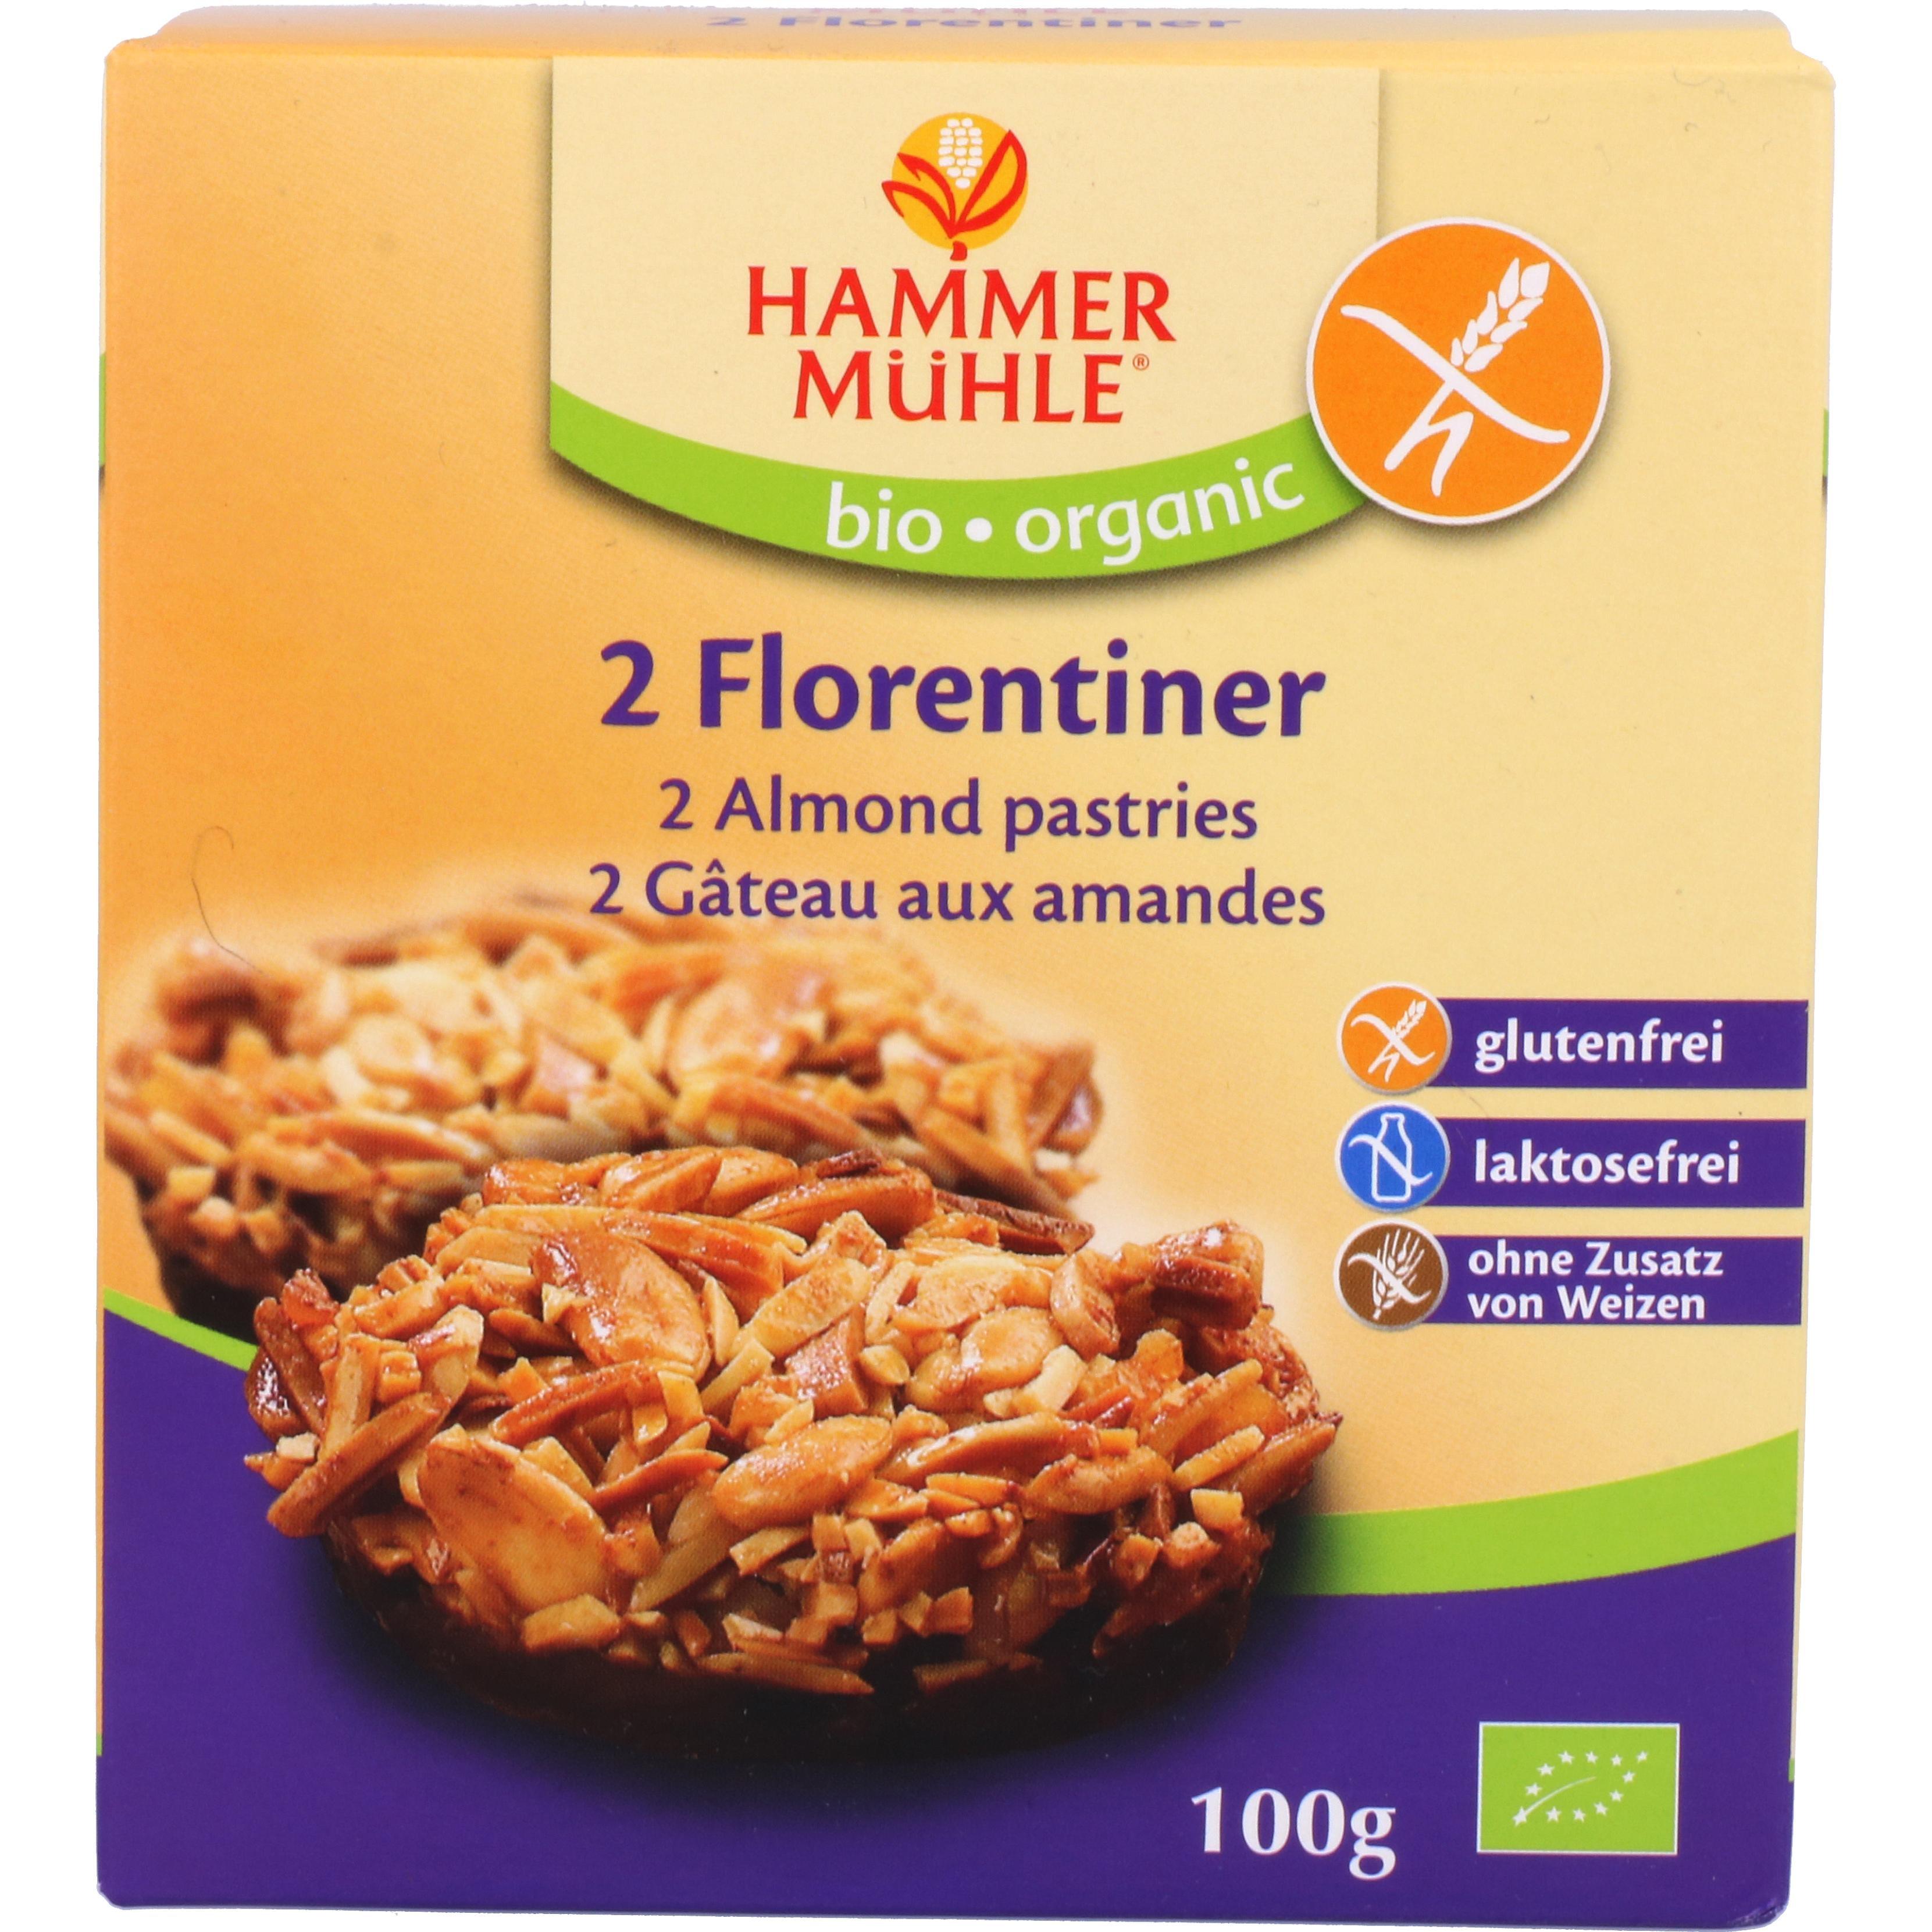 Hammermühle Organic Bio 2 Florentiner 100g